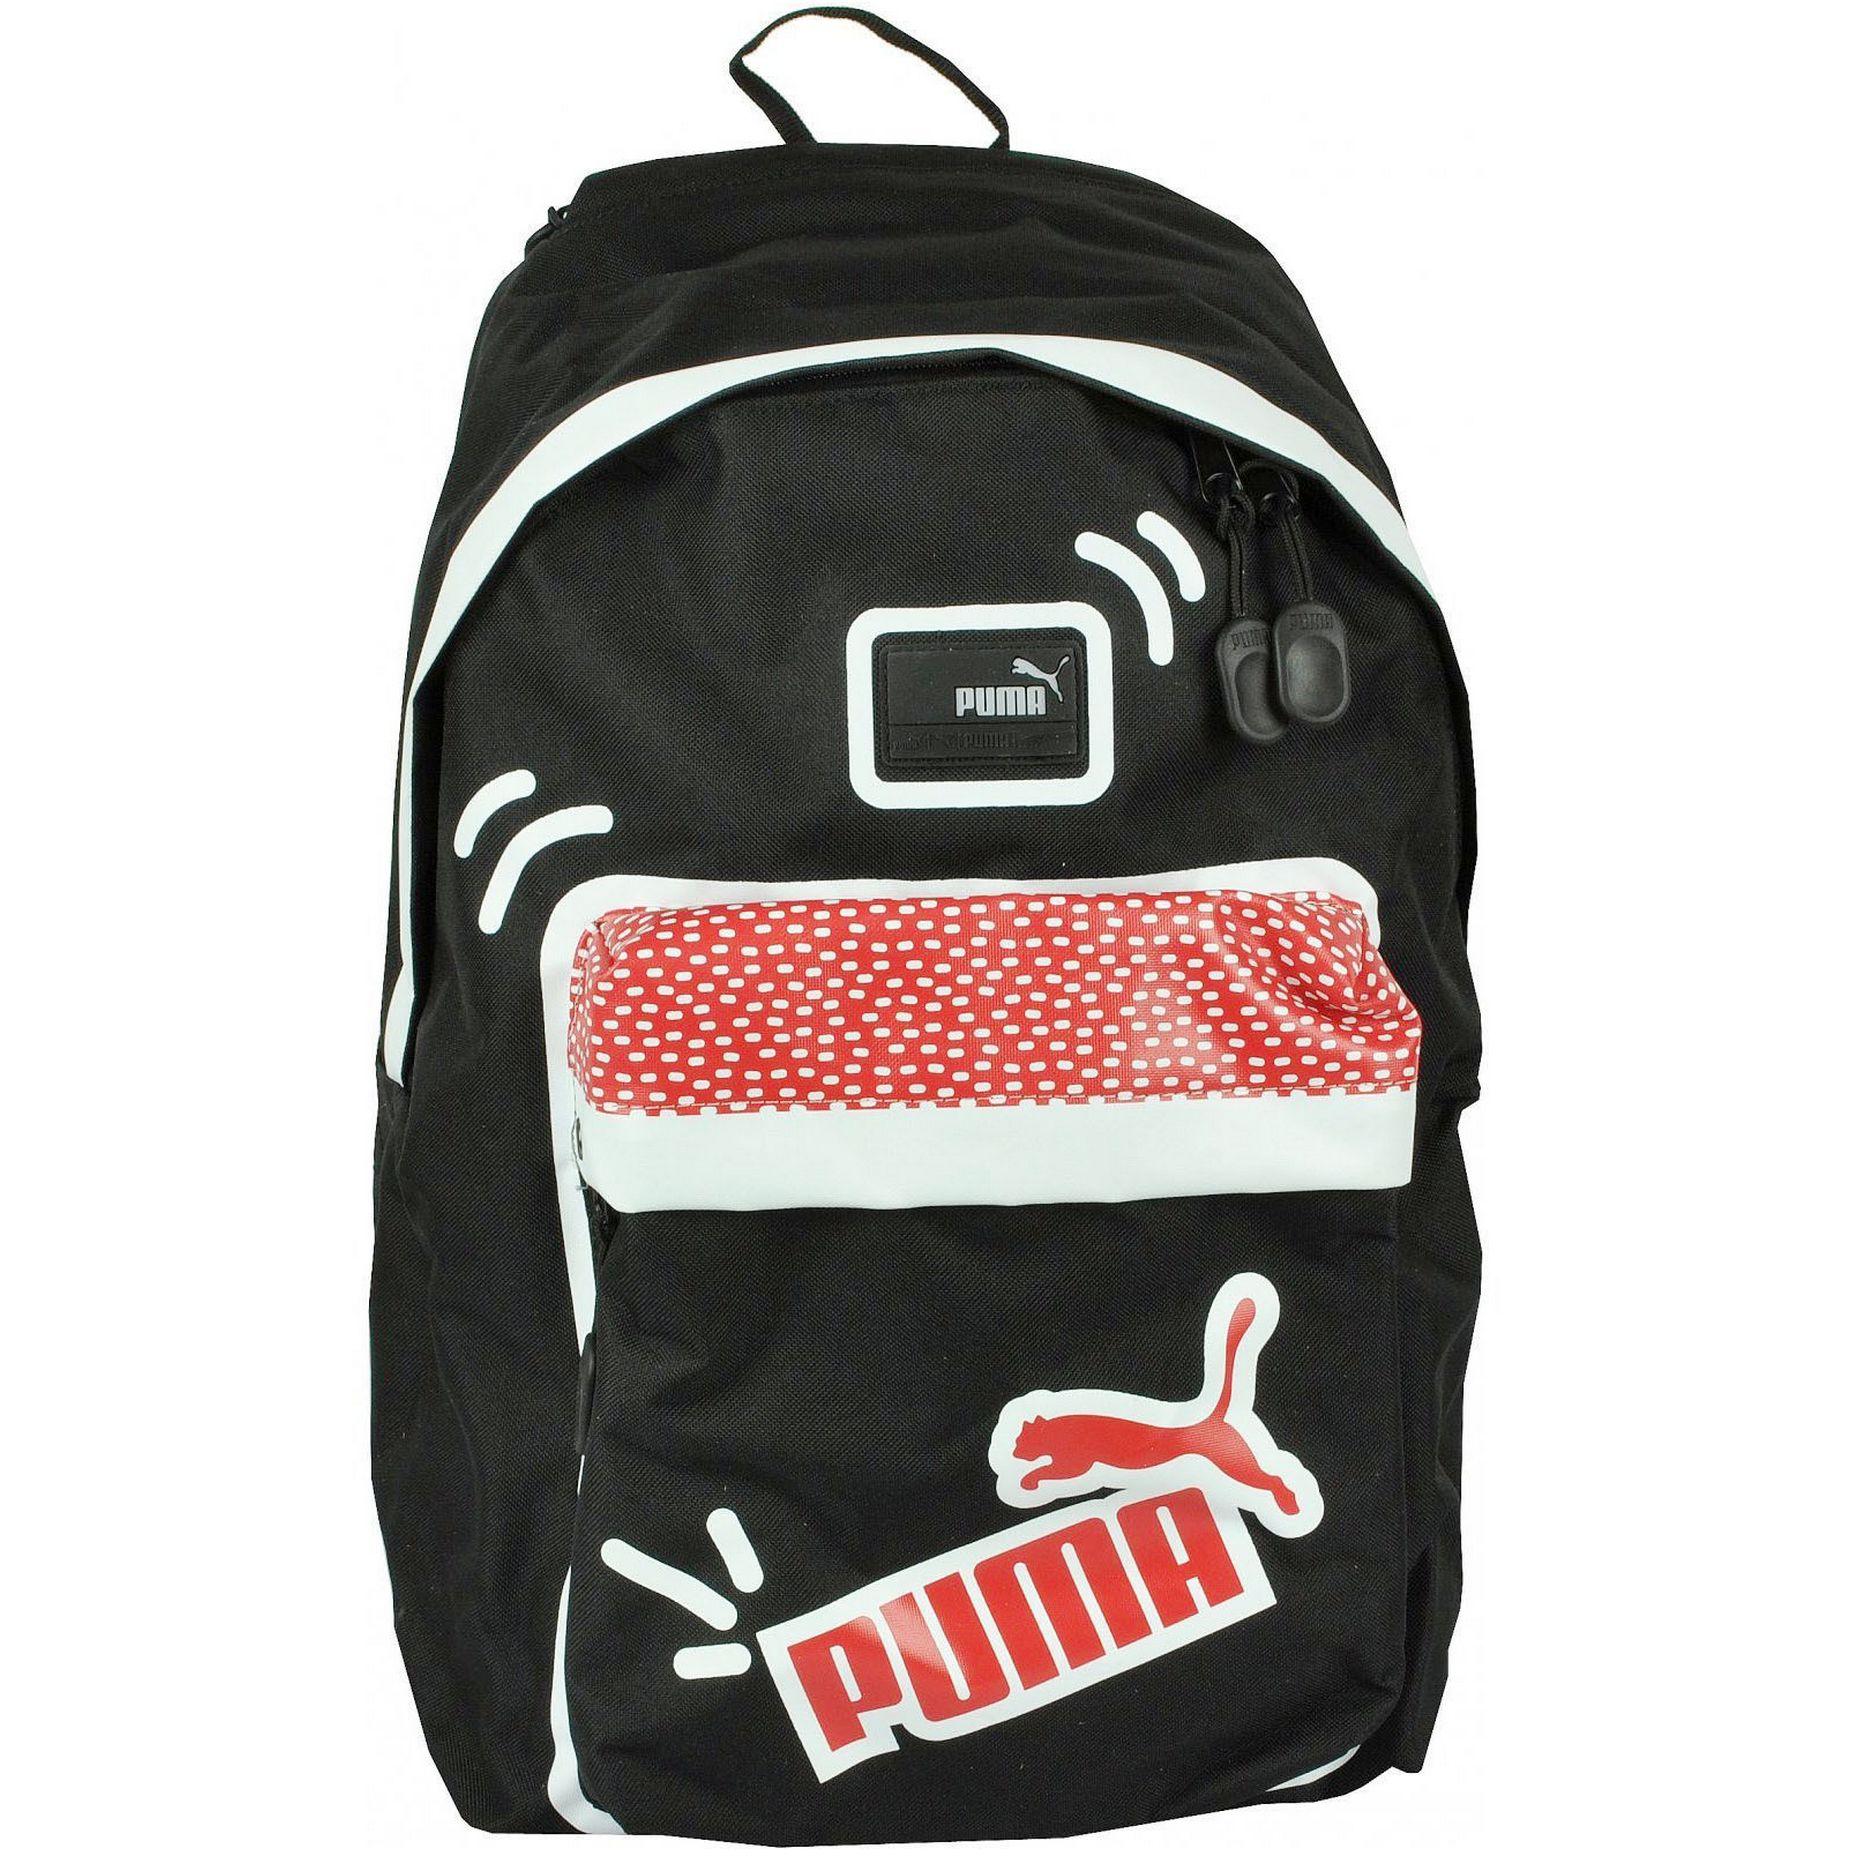 6bb424f21512b plecaki puma dla chłopców sportowe|Darmowa dostawa!